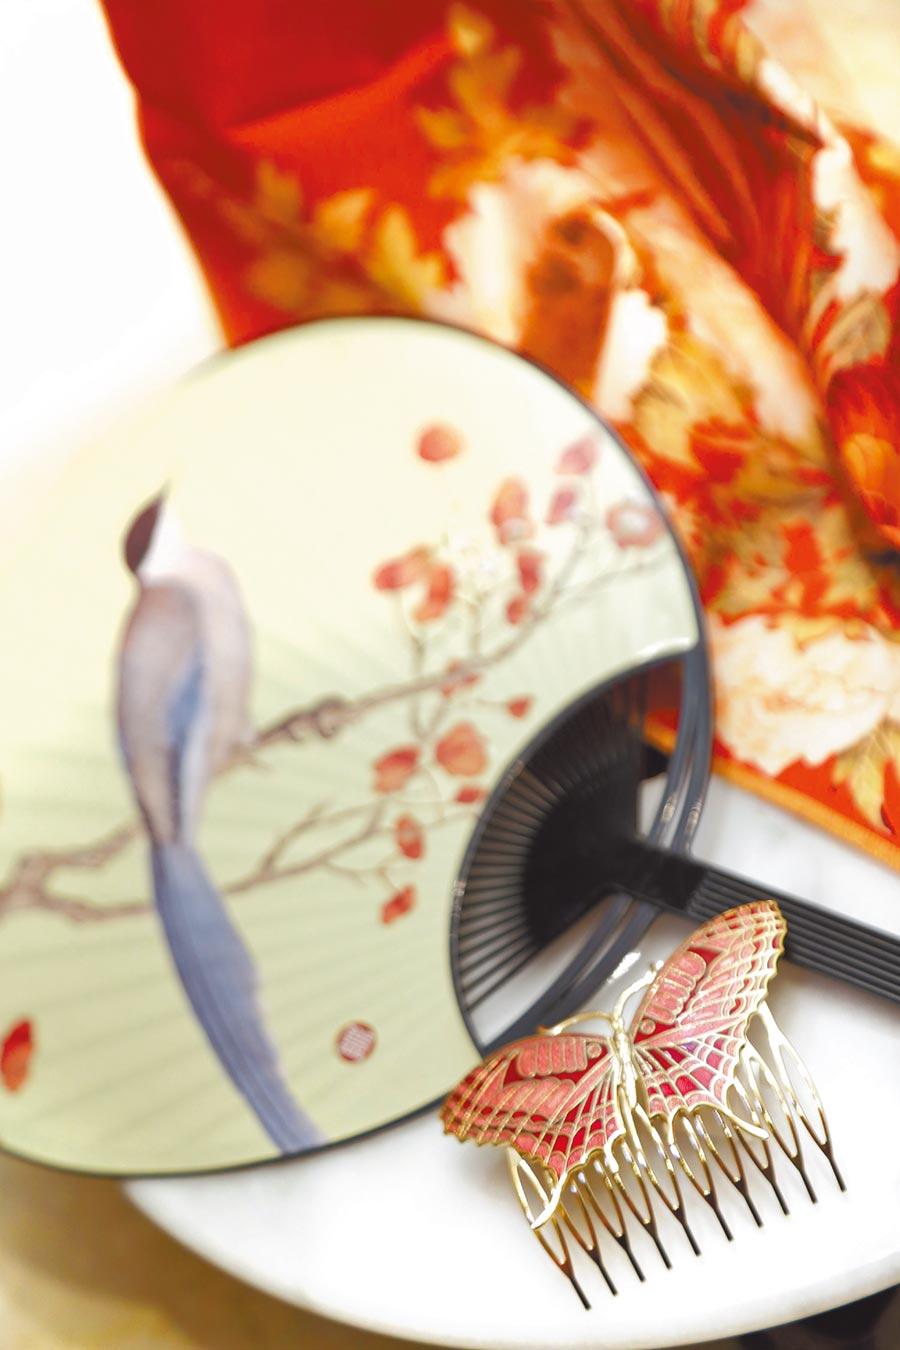 入住「穿越古今‧『晶』豔七夕」的房客,還能獲贈理髮梳、花舞扇及手絹等古代定情信物。(台北晶華酒店提供)